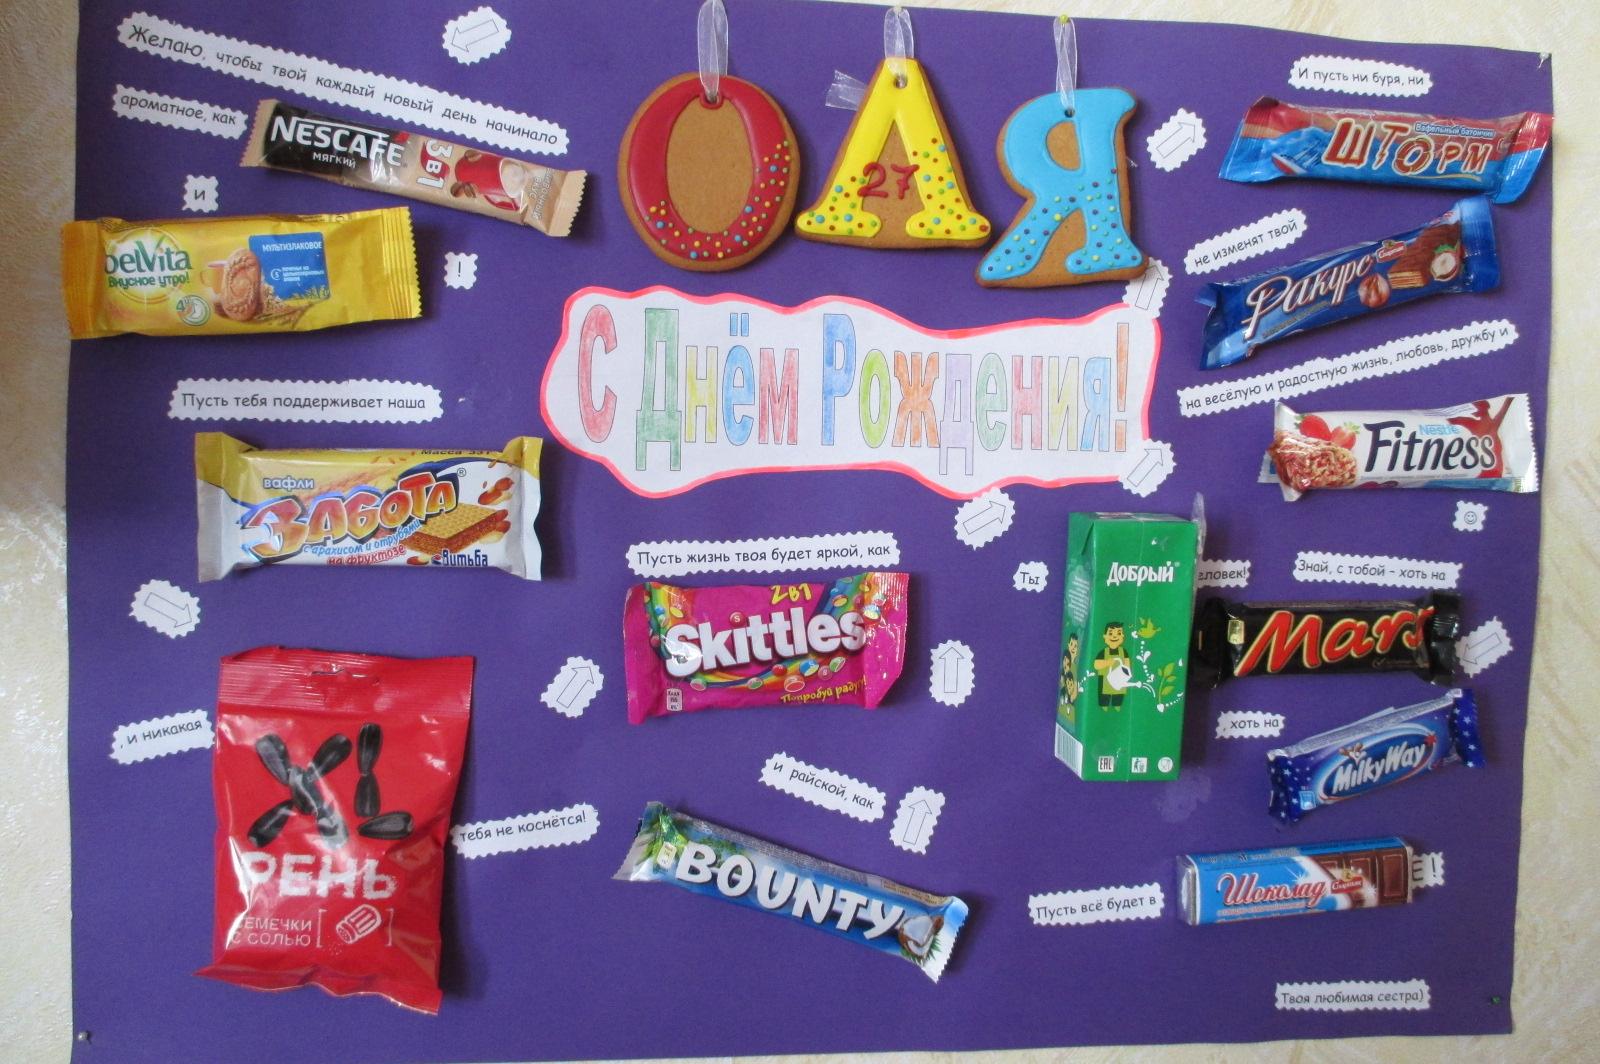 сосна поздравление на день рождения плакат со сладостями фото бутиках бренда даже